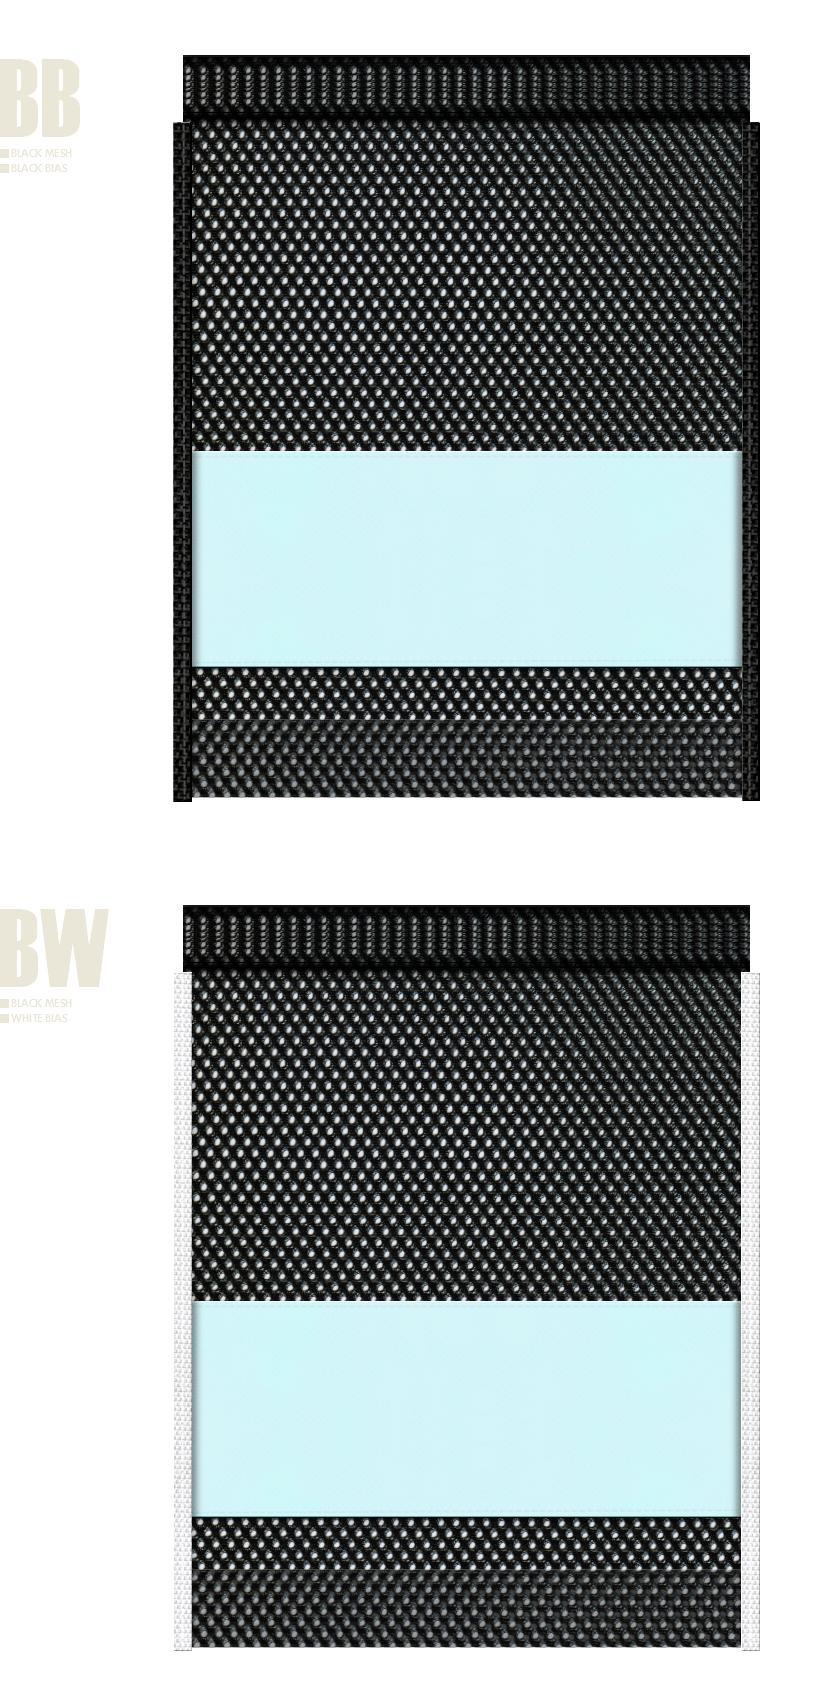 黒色メッシュと水色不織布のメッシュバッグカラーシミュレーション